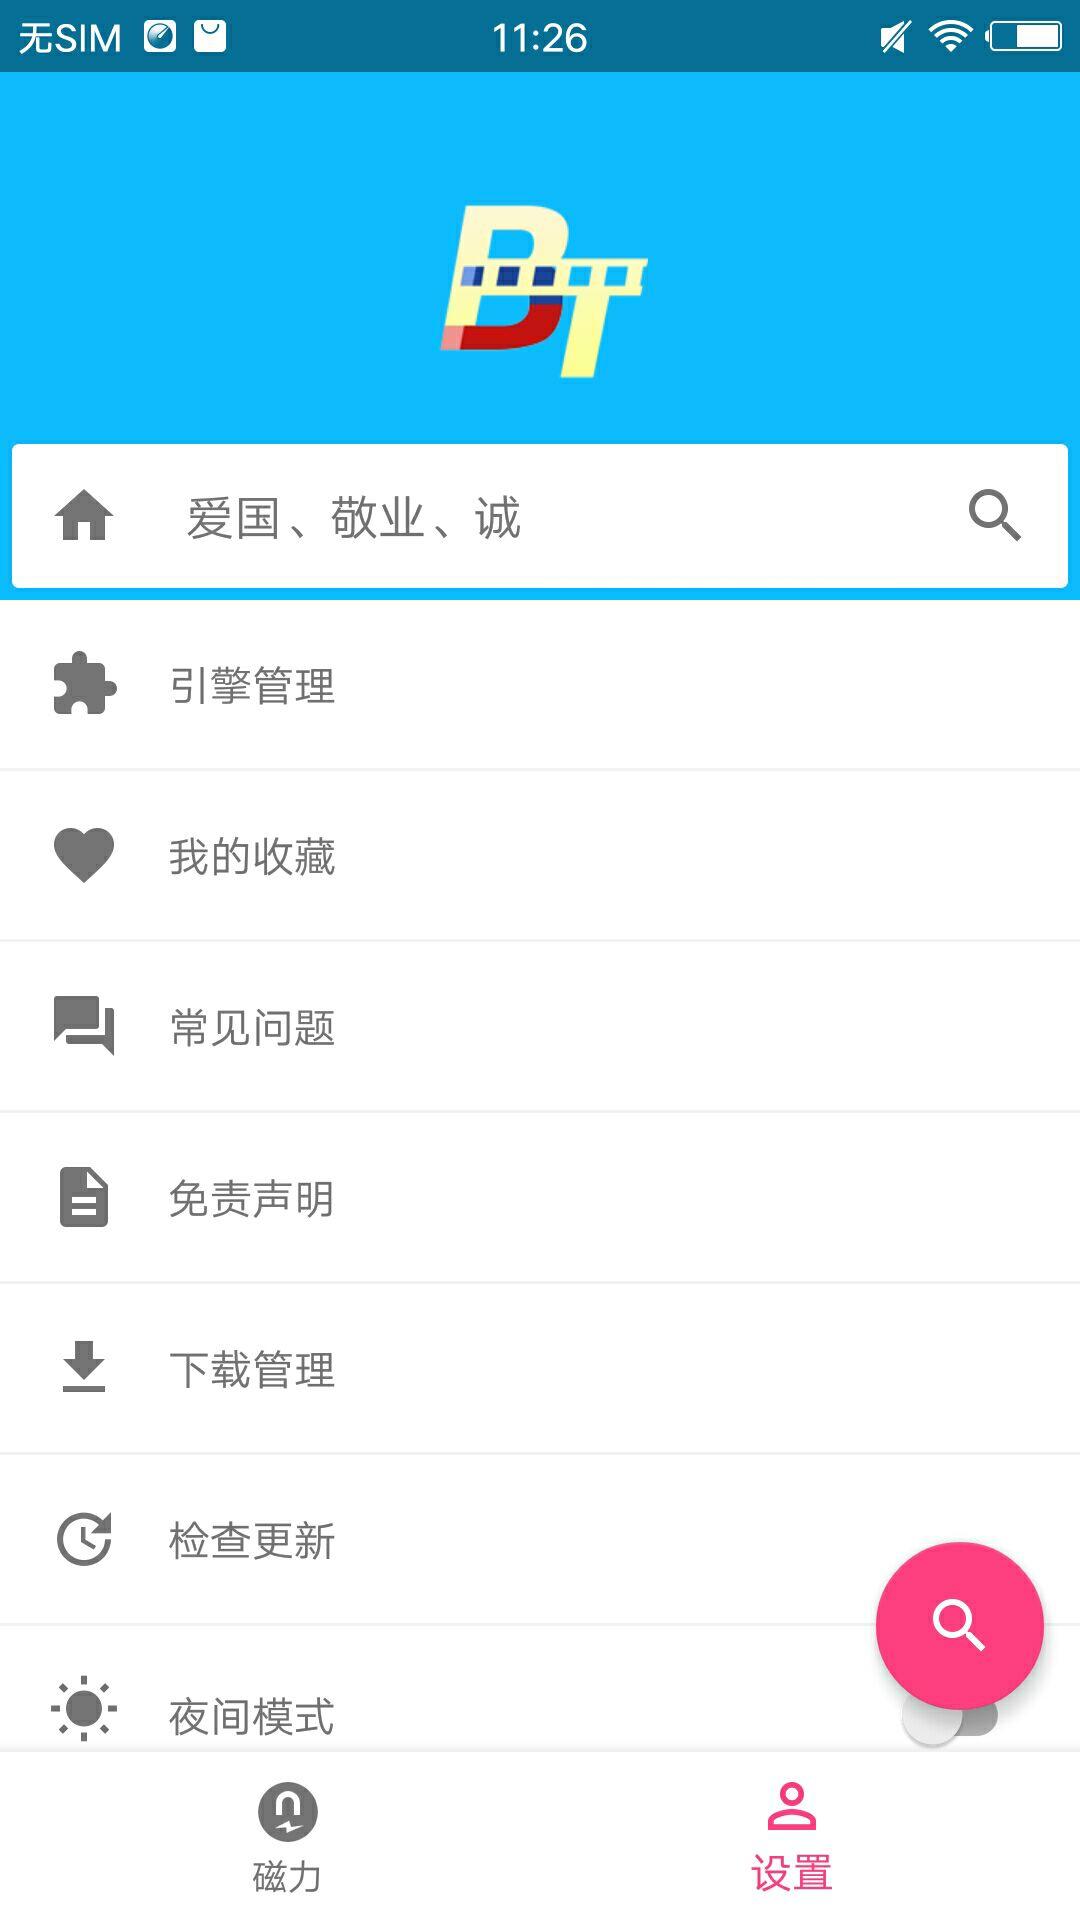 种子搜索浏览器 V5.0 安卓版截图3